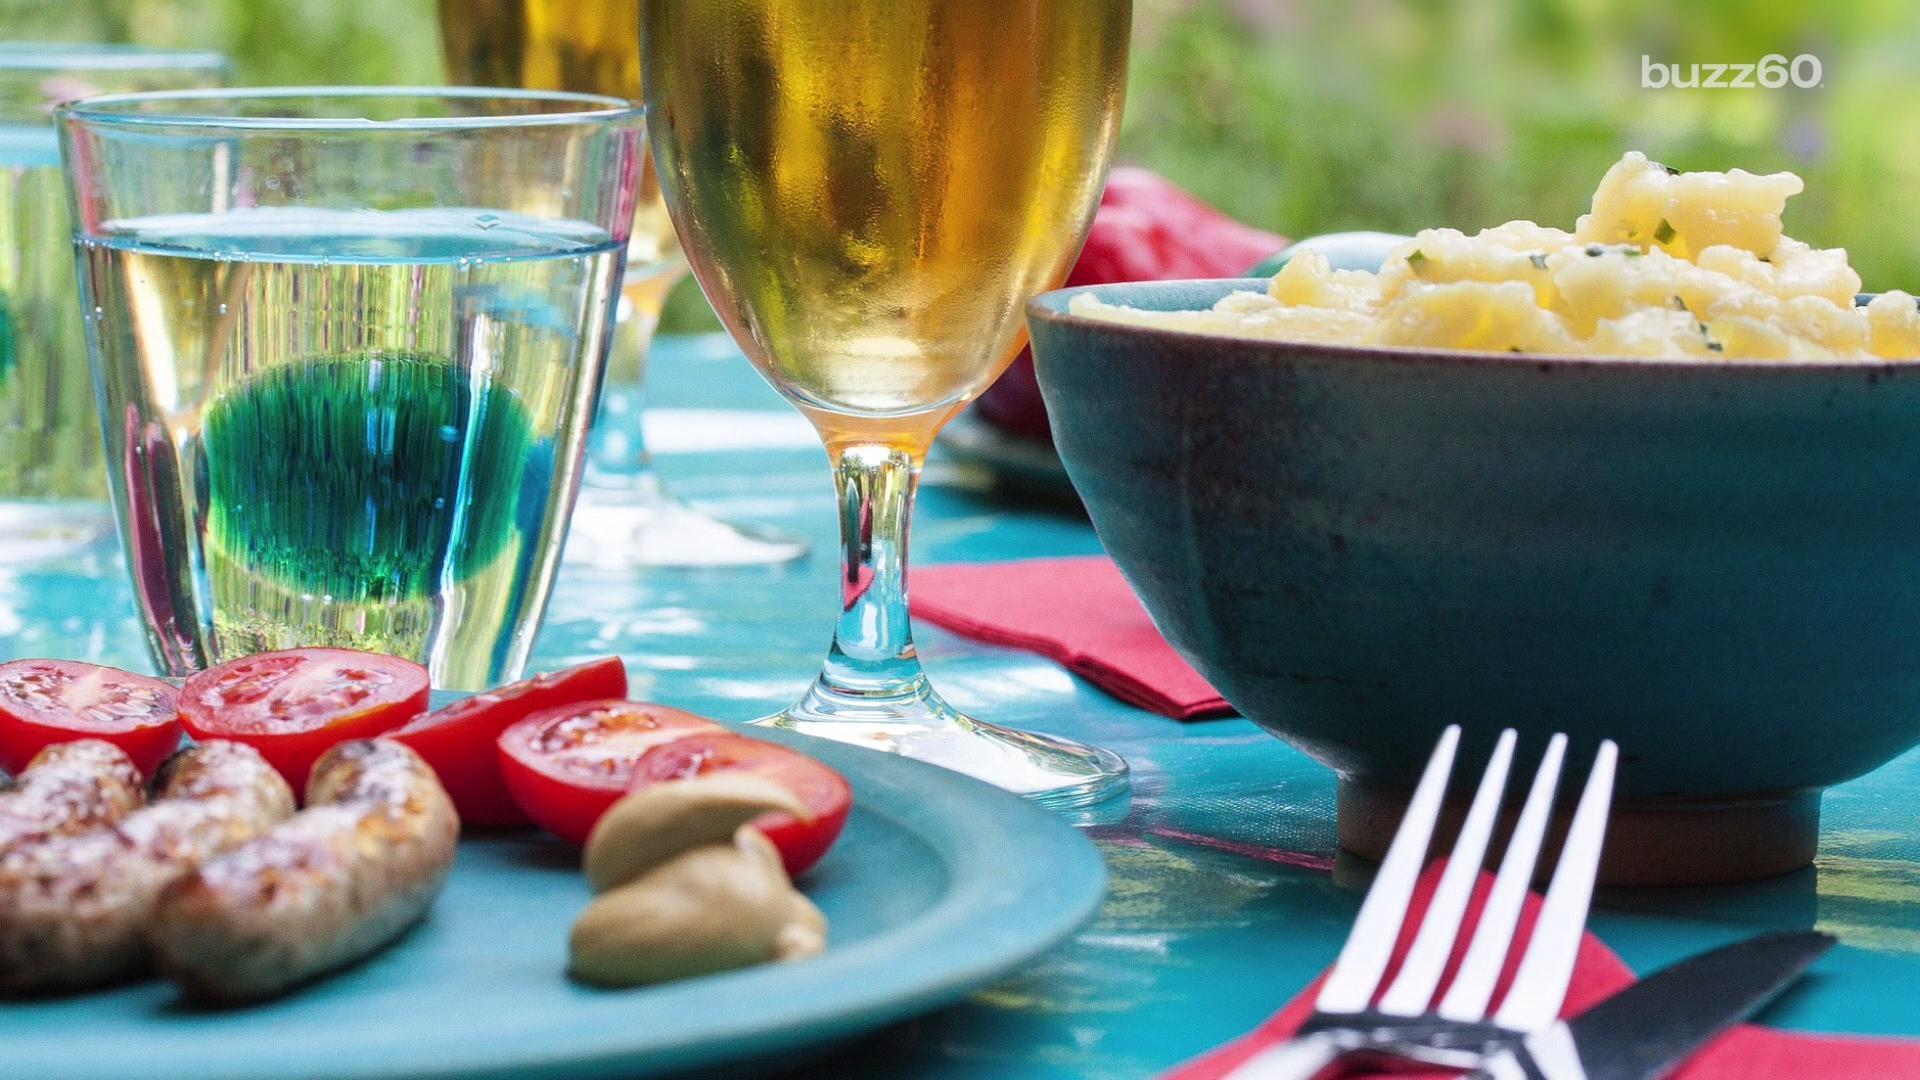 5 Summer Foods you Should Never Eat